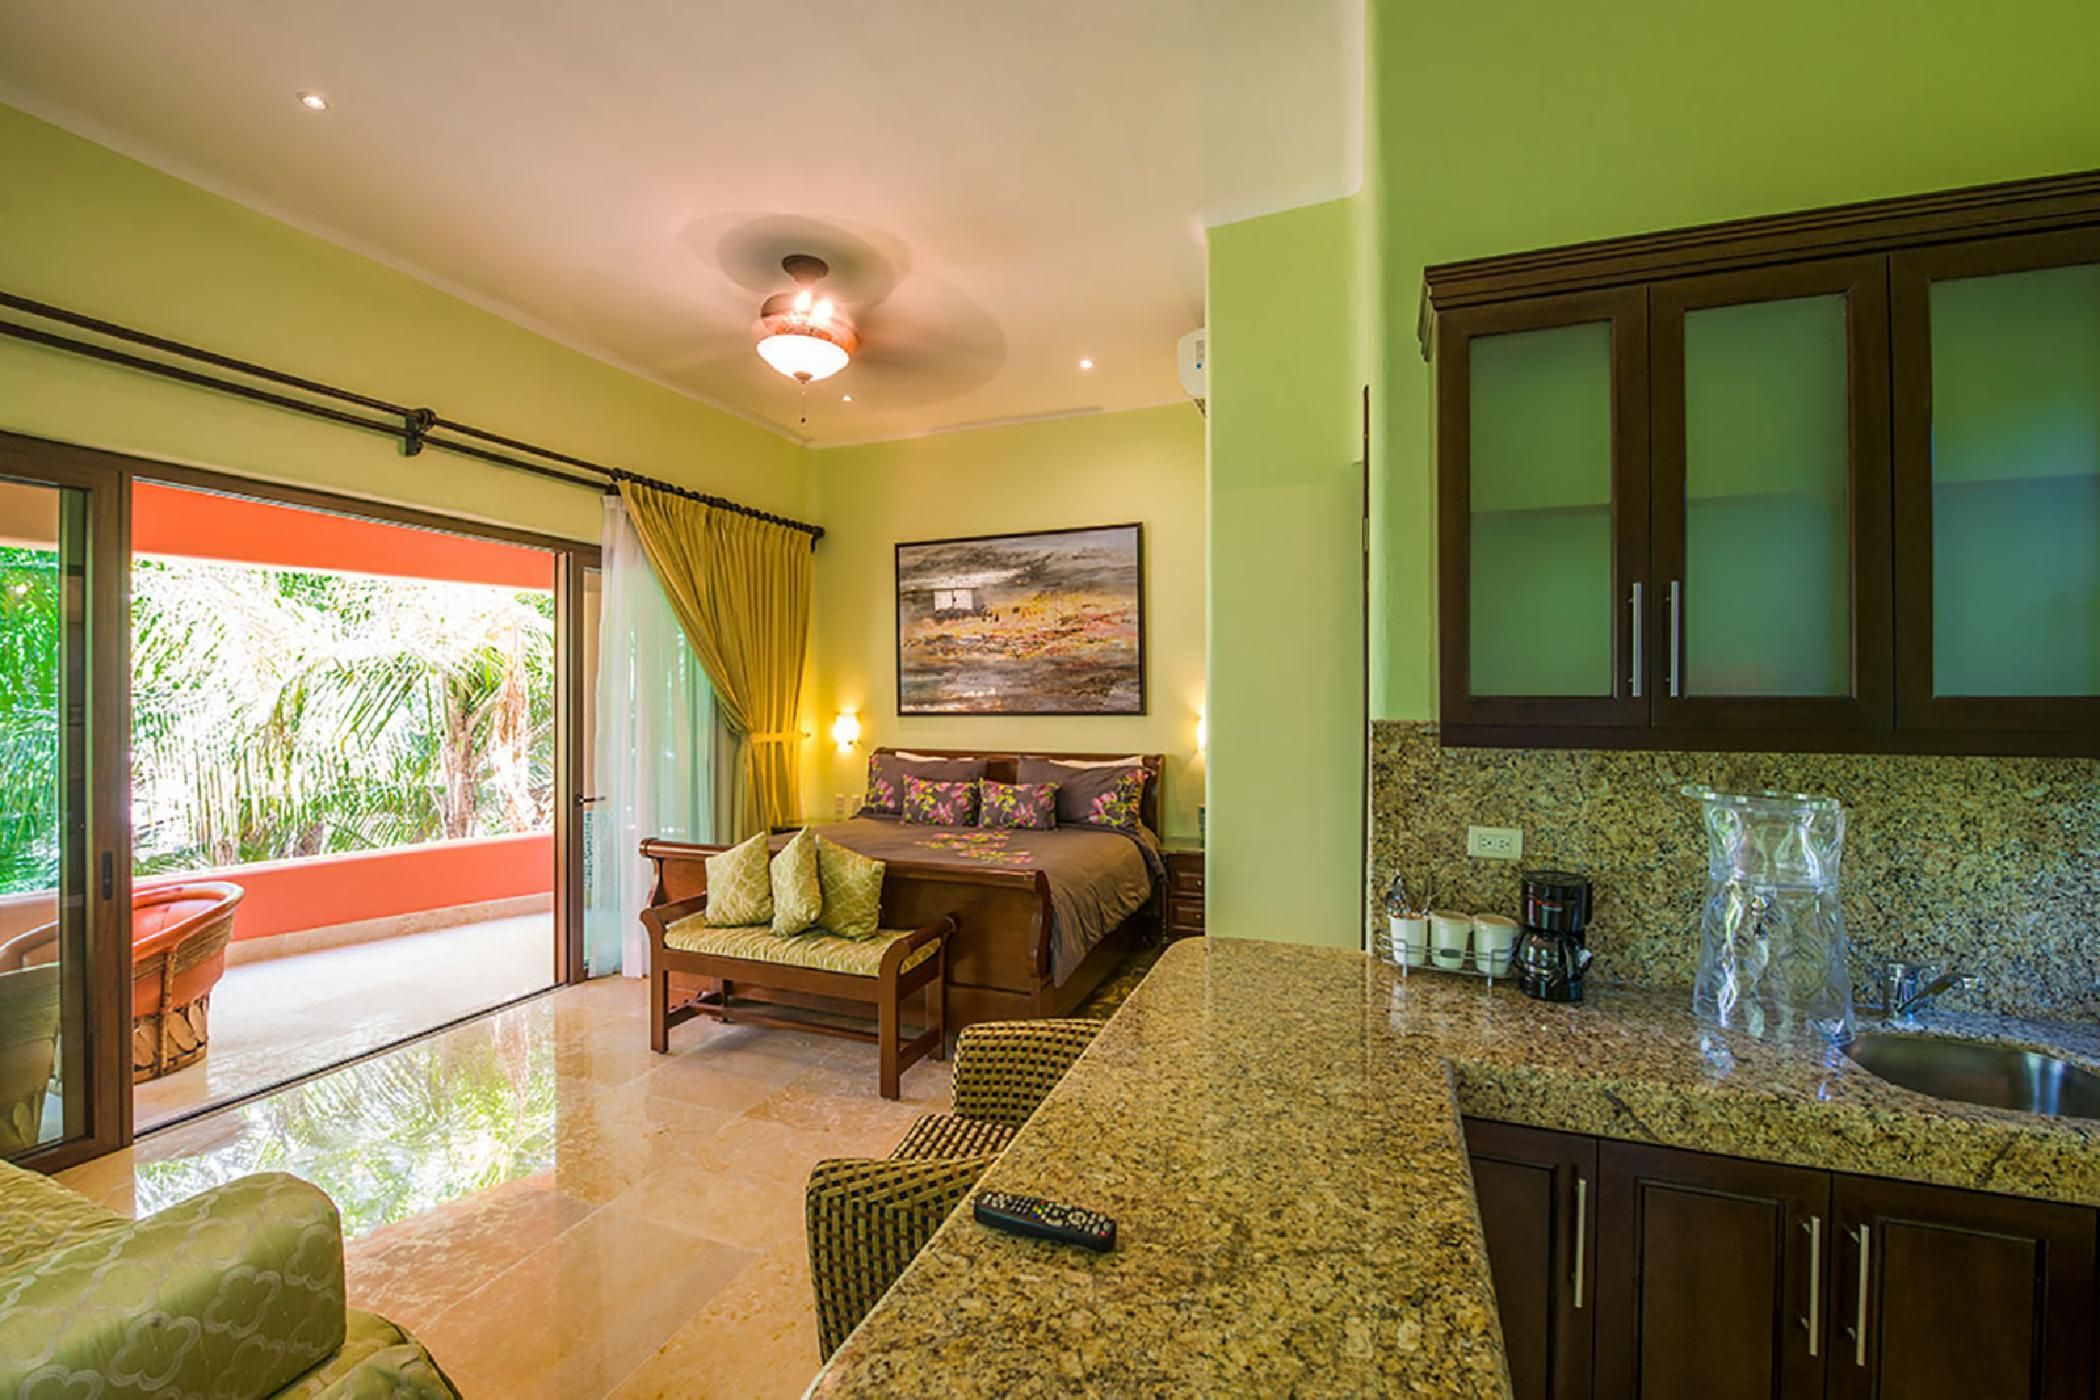 Maya_Luxe_Riviera_Maya_Luxury_Villas_Experiences_Tankah_Bay_Tulum_8_Bedrooms_Cenote_del_Mar_15.jpg